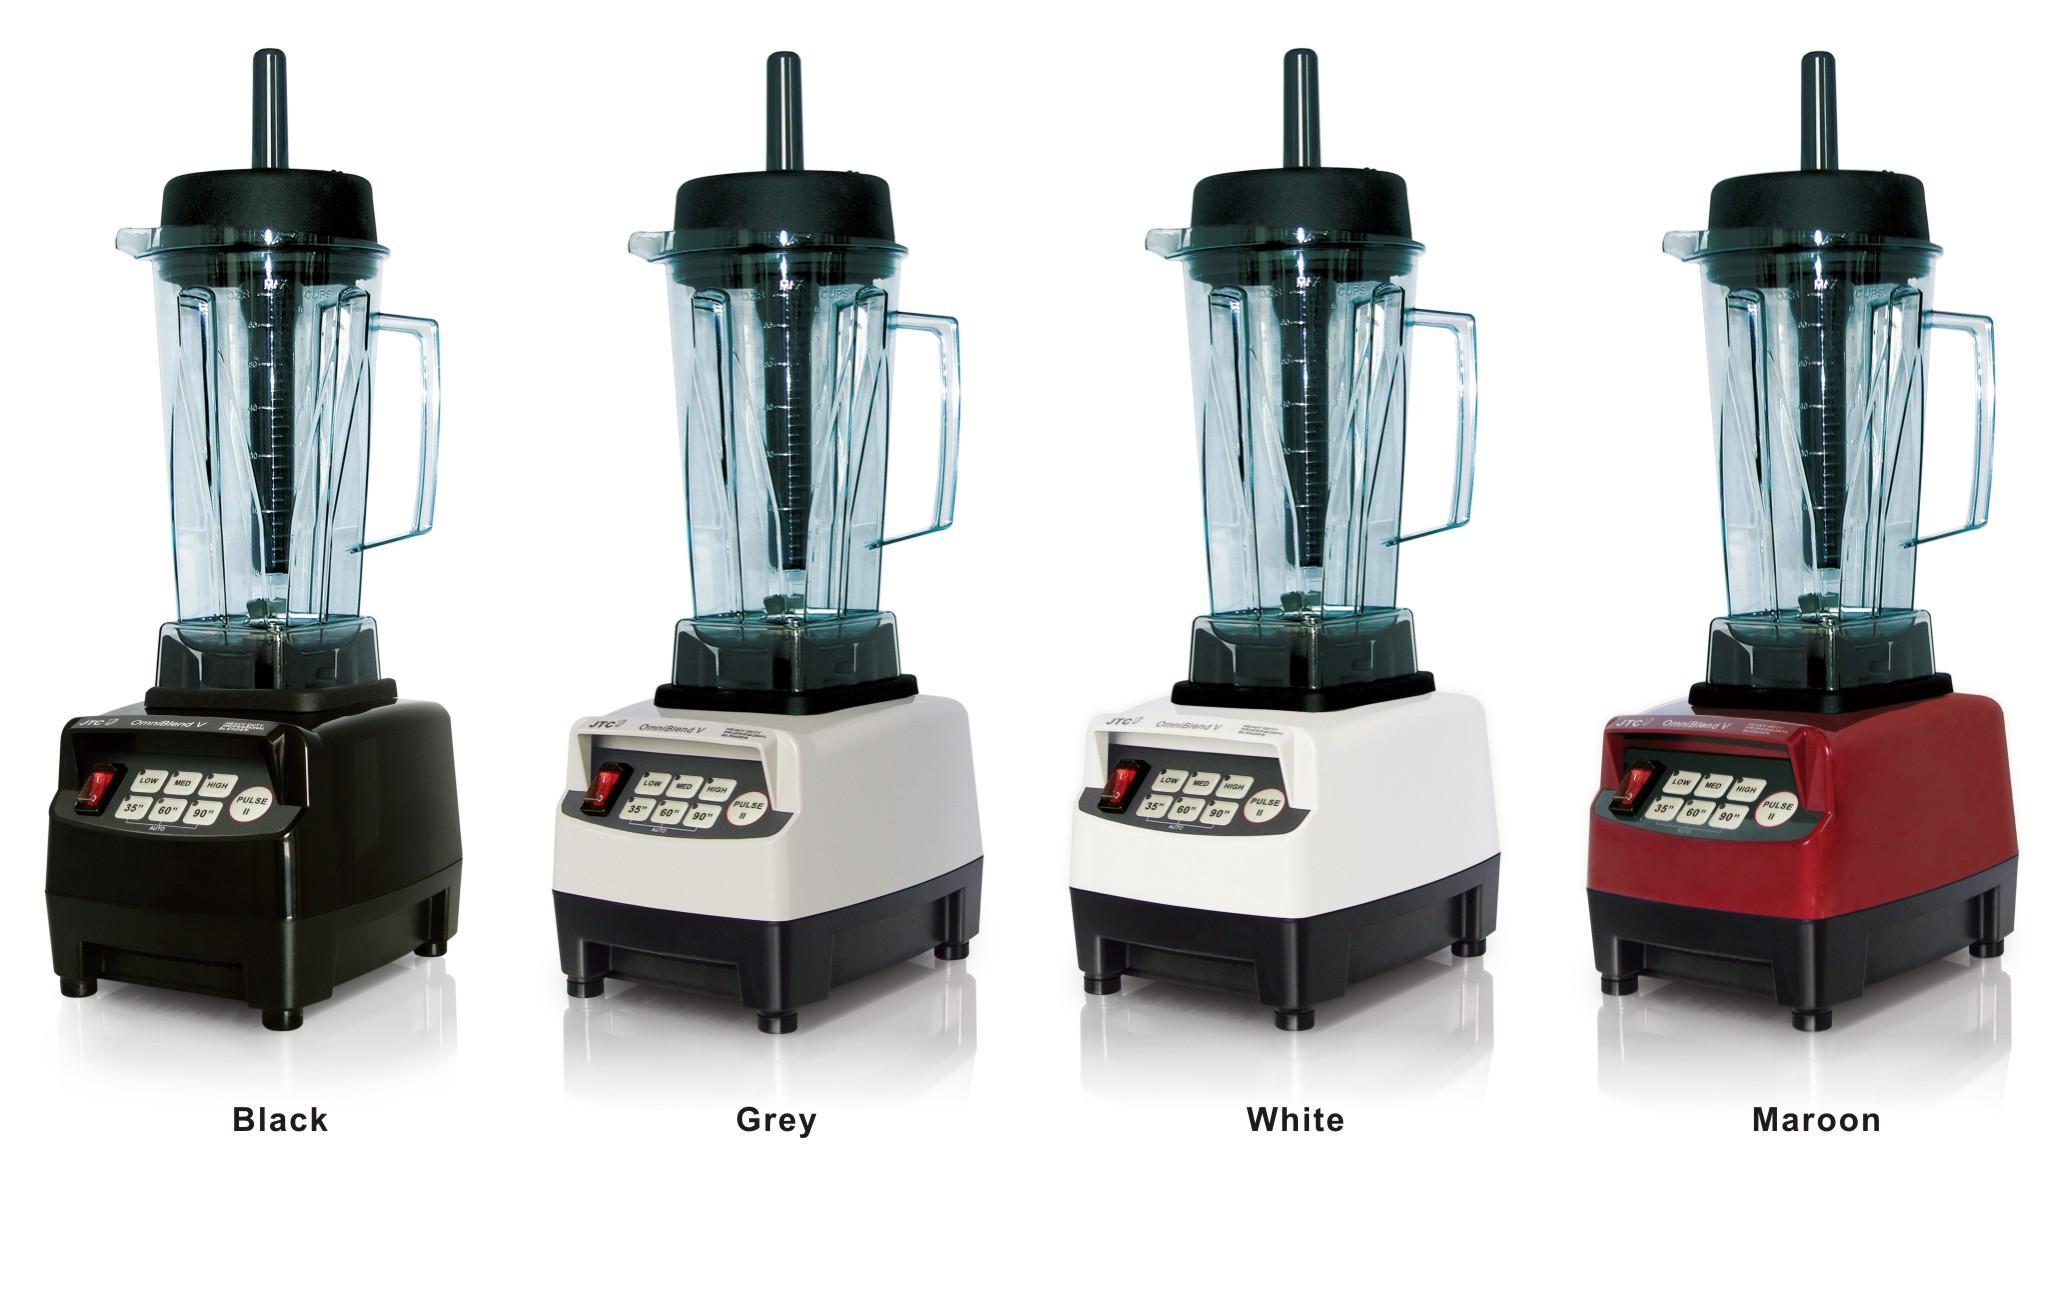 JTC pesante frullatore commerciale con il PC jar, modello: TM-, nero, IL TRASPORTO LIBERO, 100% GARANTITO NO. 1 QUALITÀ IN TUTTO IL MONDO.